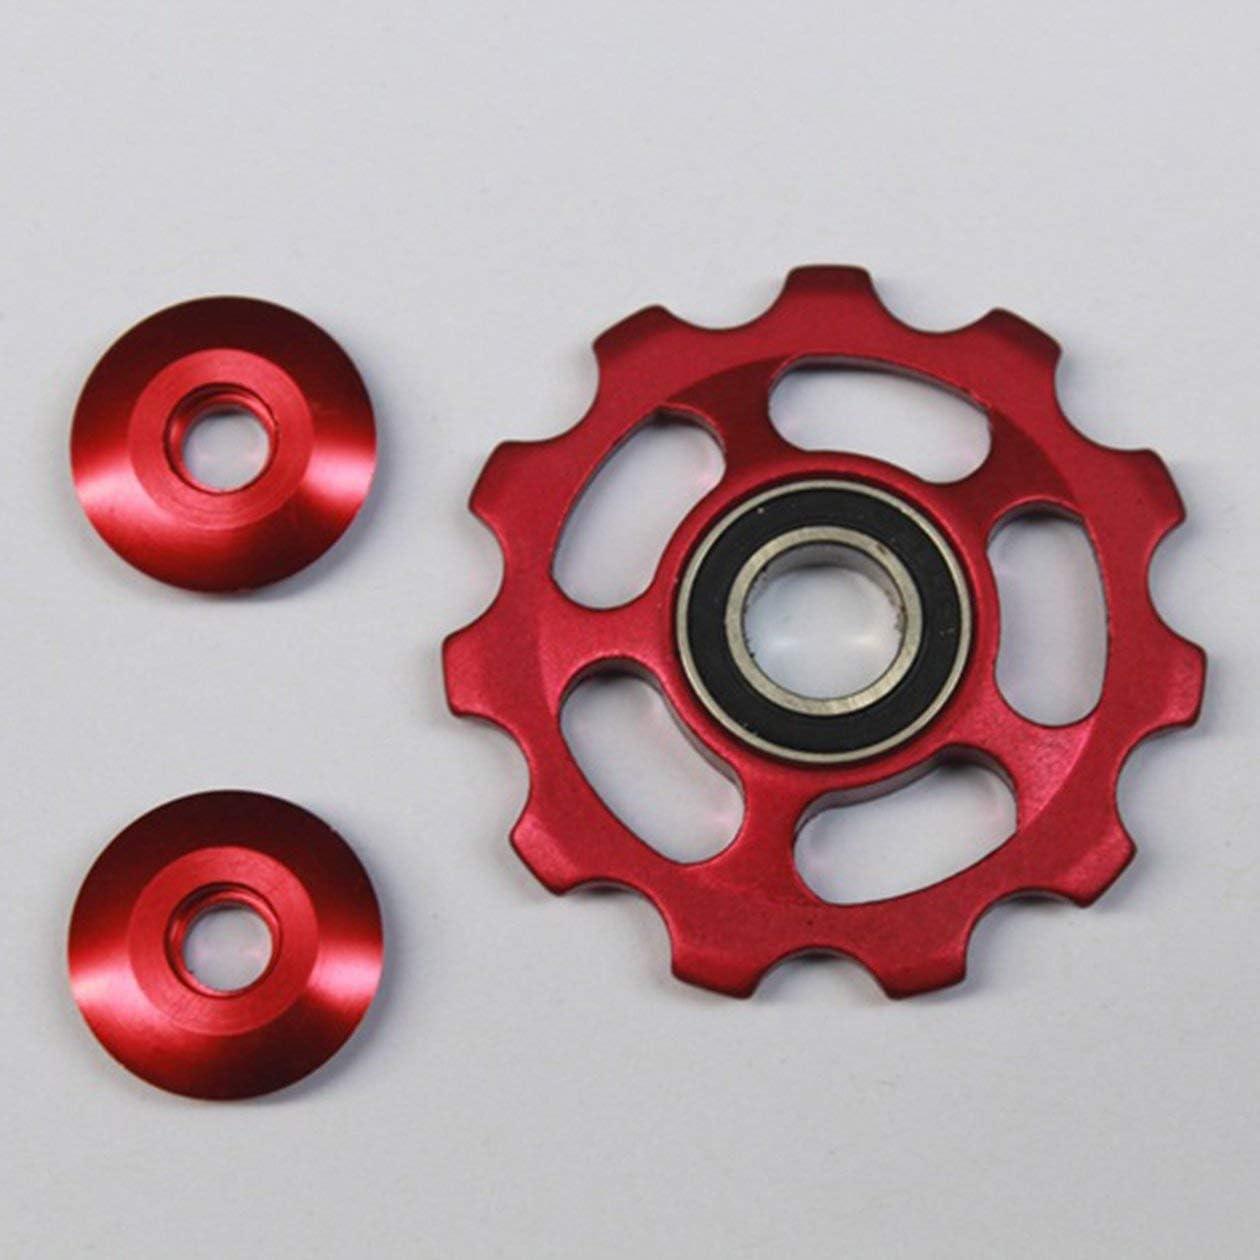 BIYI Aleación de Aluminio Rueda Jockey 11T Rueda de tensión de Bicicleta Desviador Trasero Polea Guía Polea Ciclismo Accesorios para Bicicleta (Rojo)